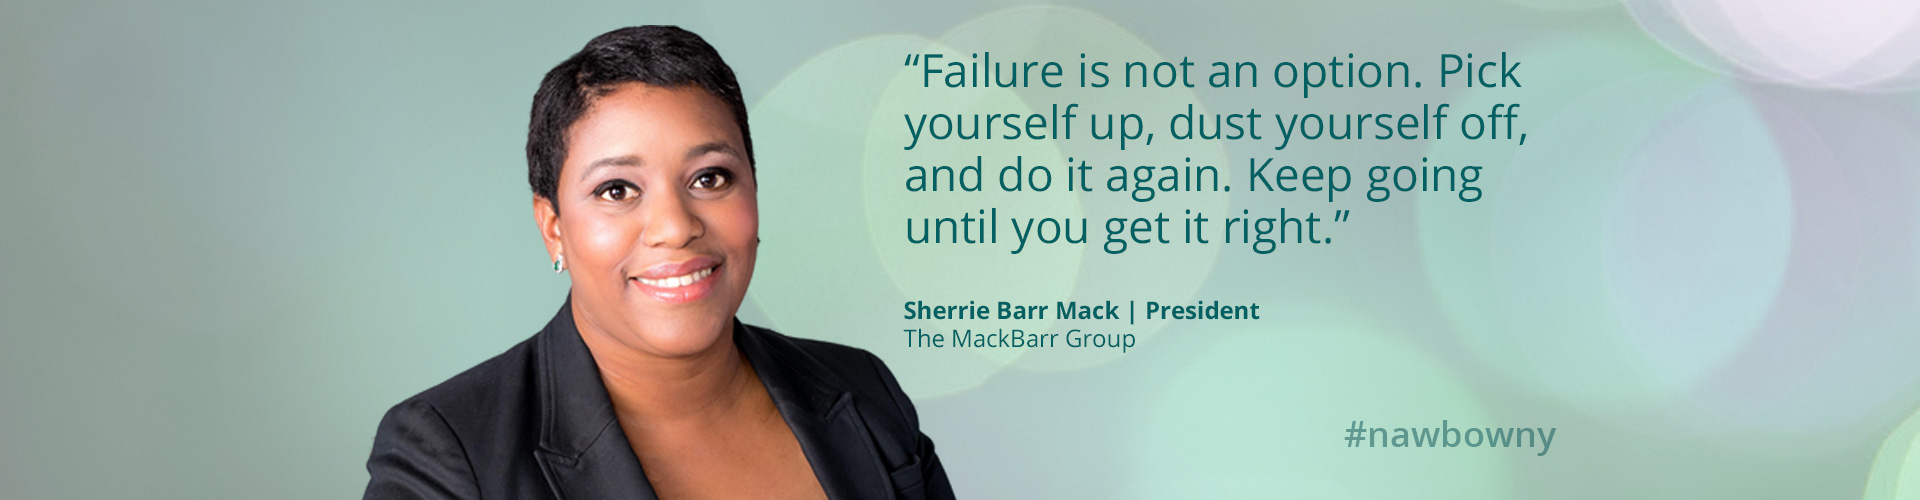 Sherrie-President